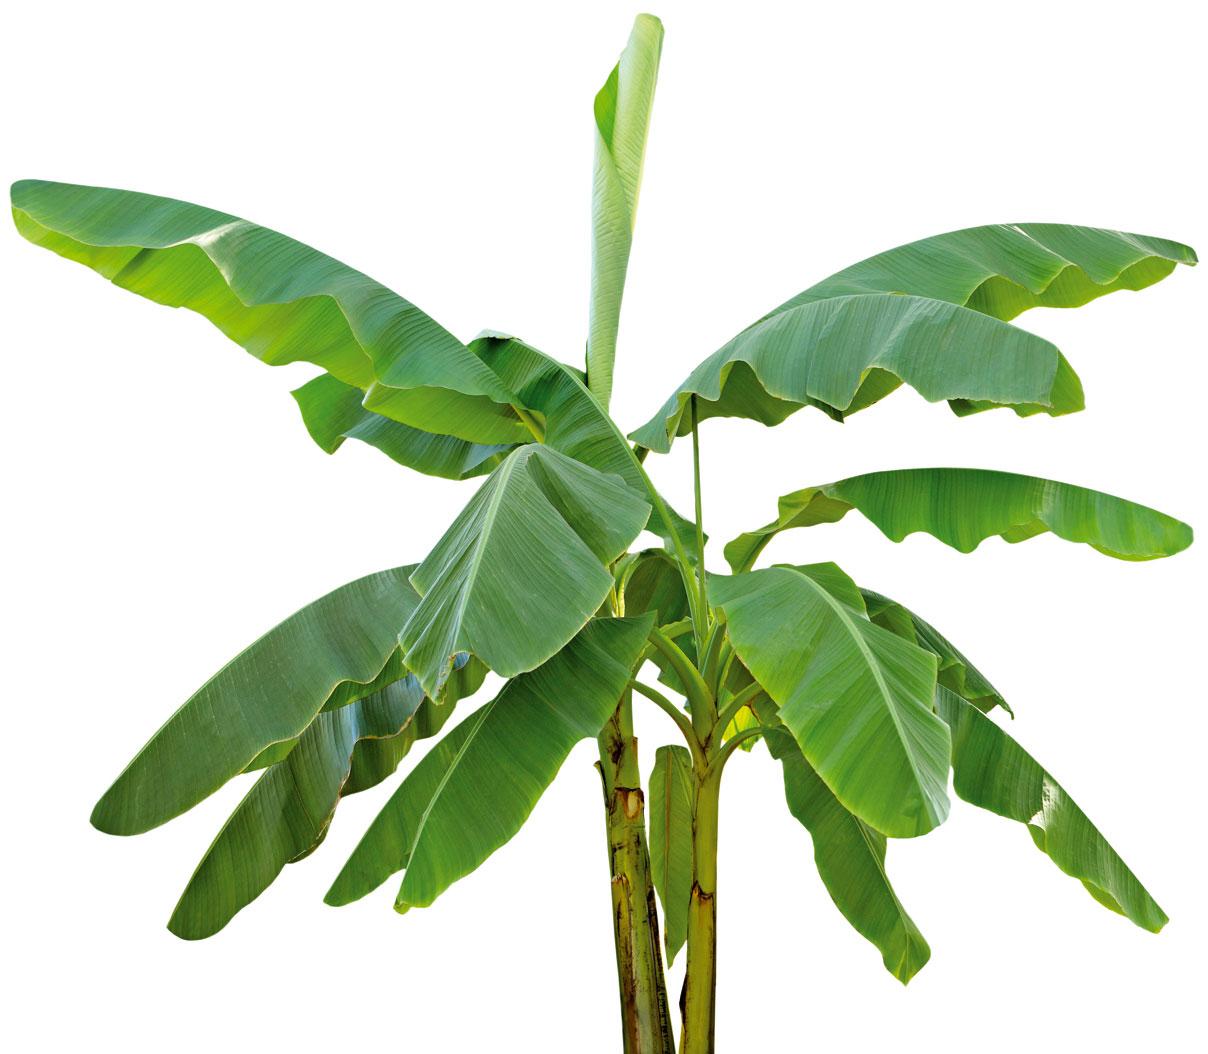 Veľké, rozložité listy banánovníka majú rôzne využitie